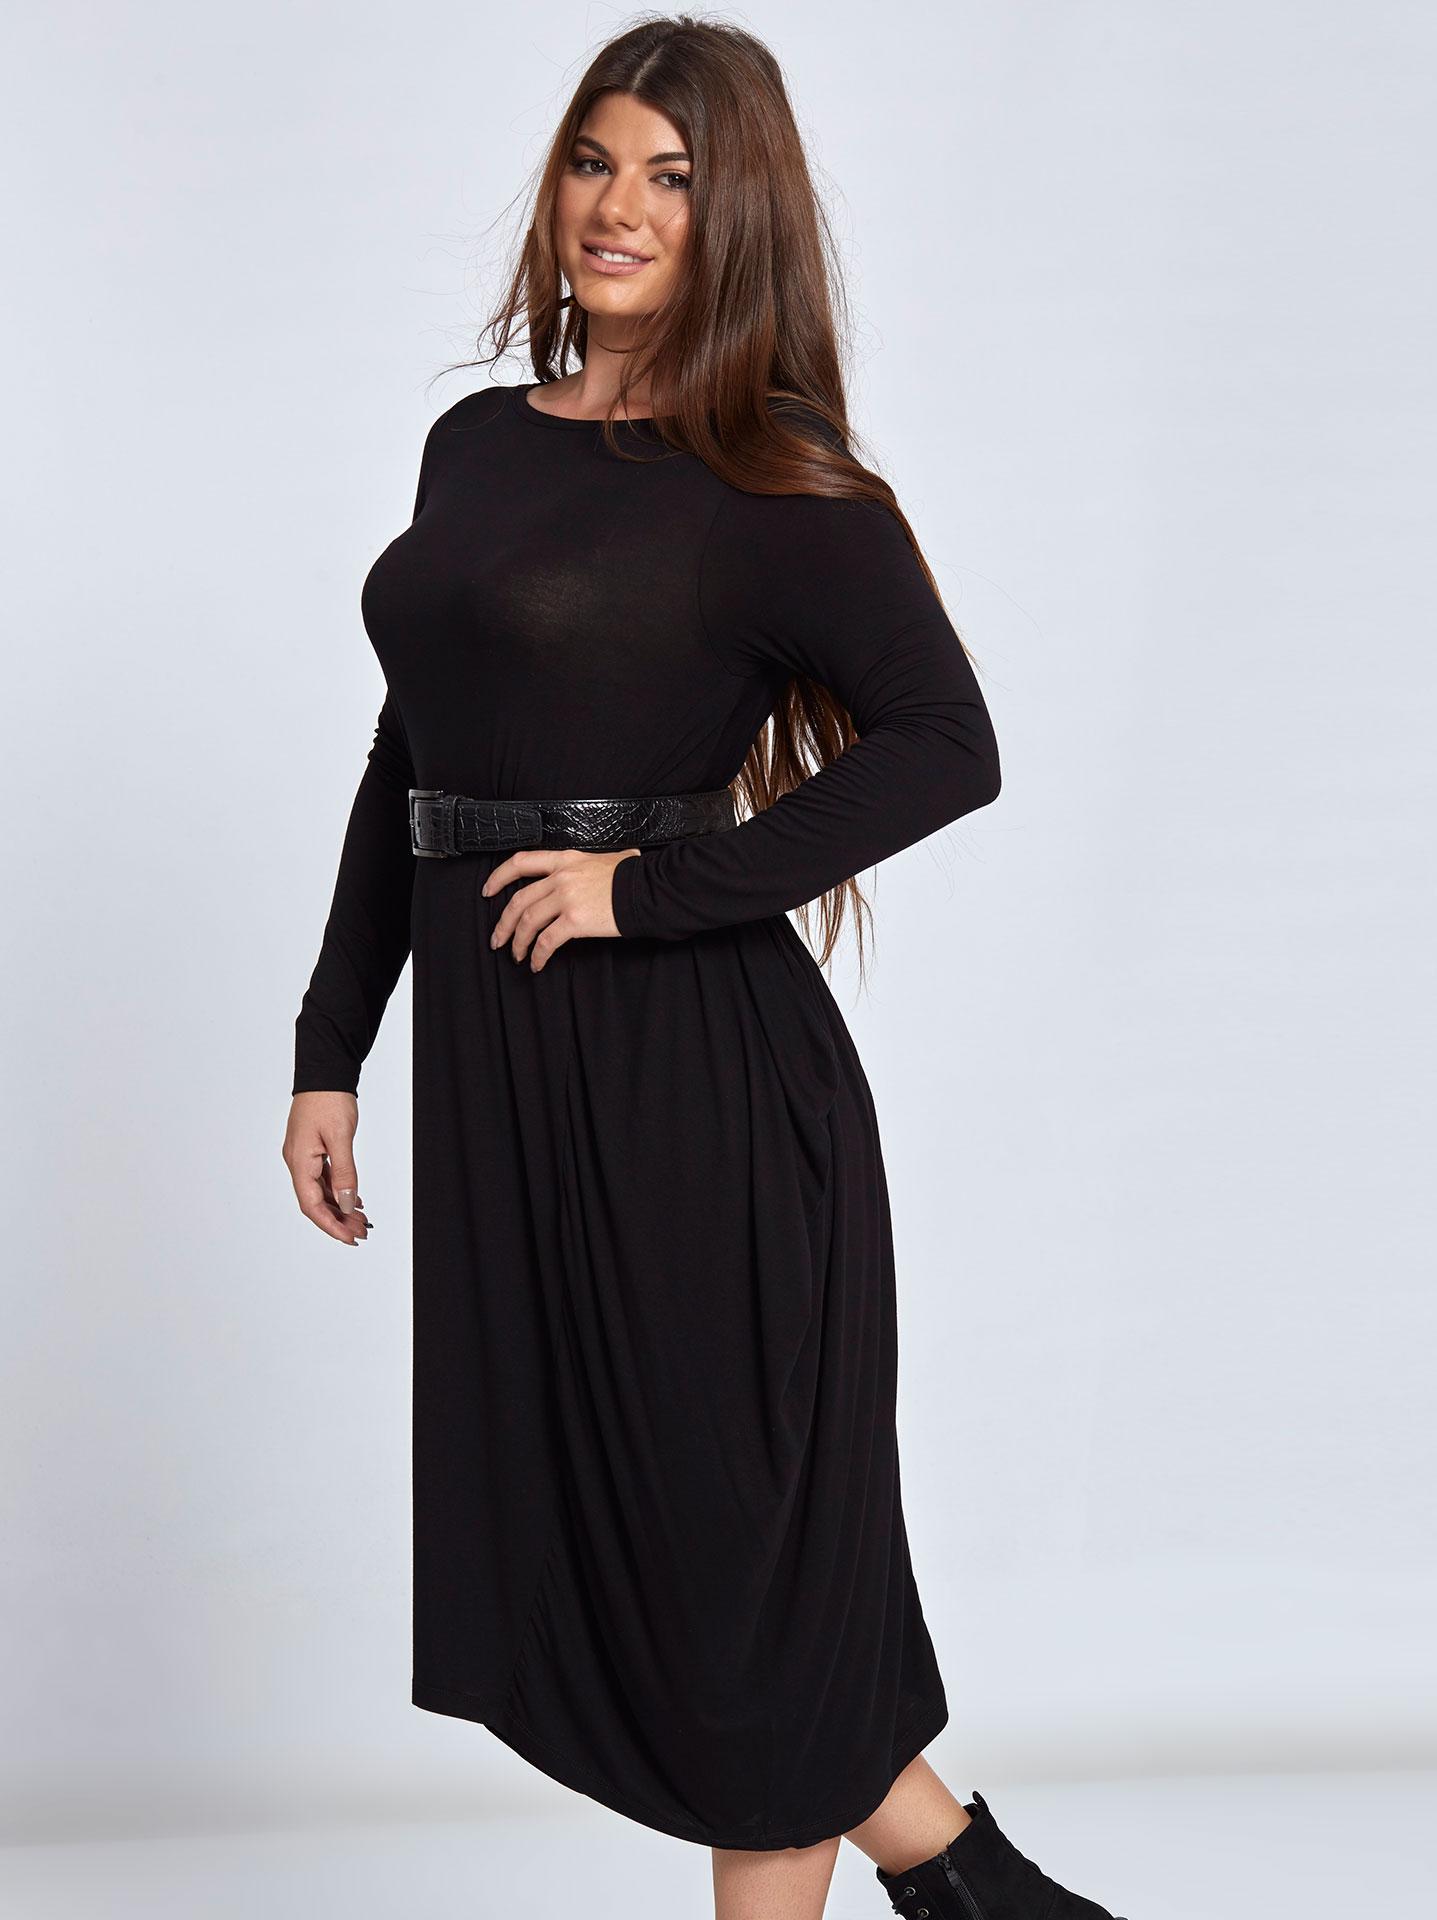 4da2a68e54e8 Μακρύ φορεμα με μύτες WL8176.8001+2